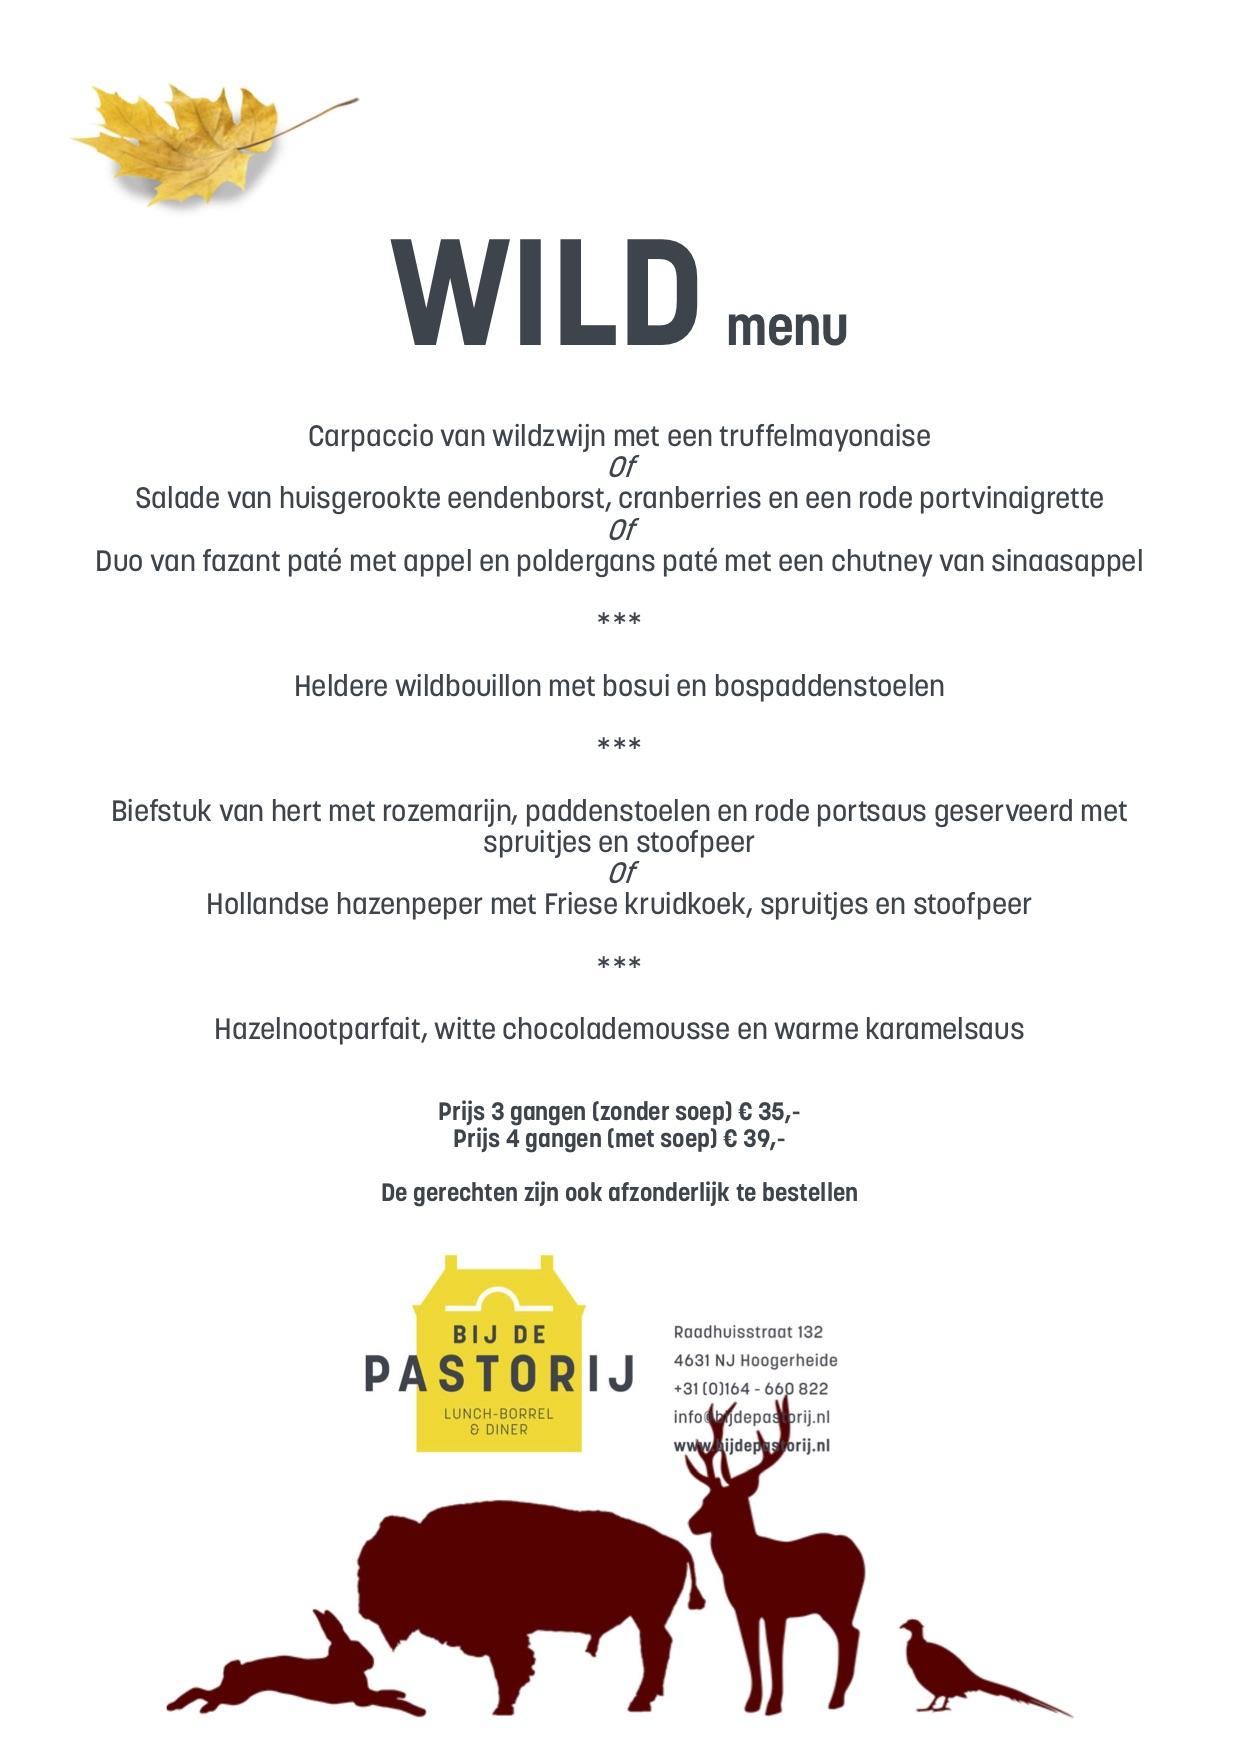 wildmenu-bij-de-pastorij-2018